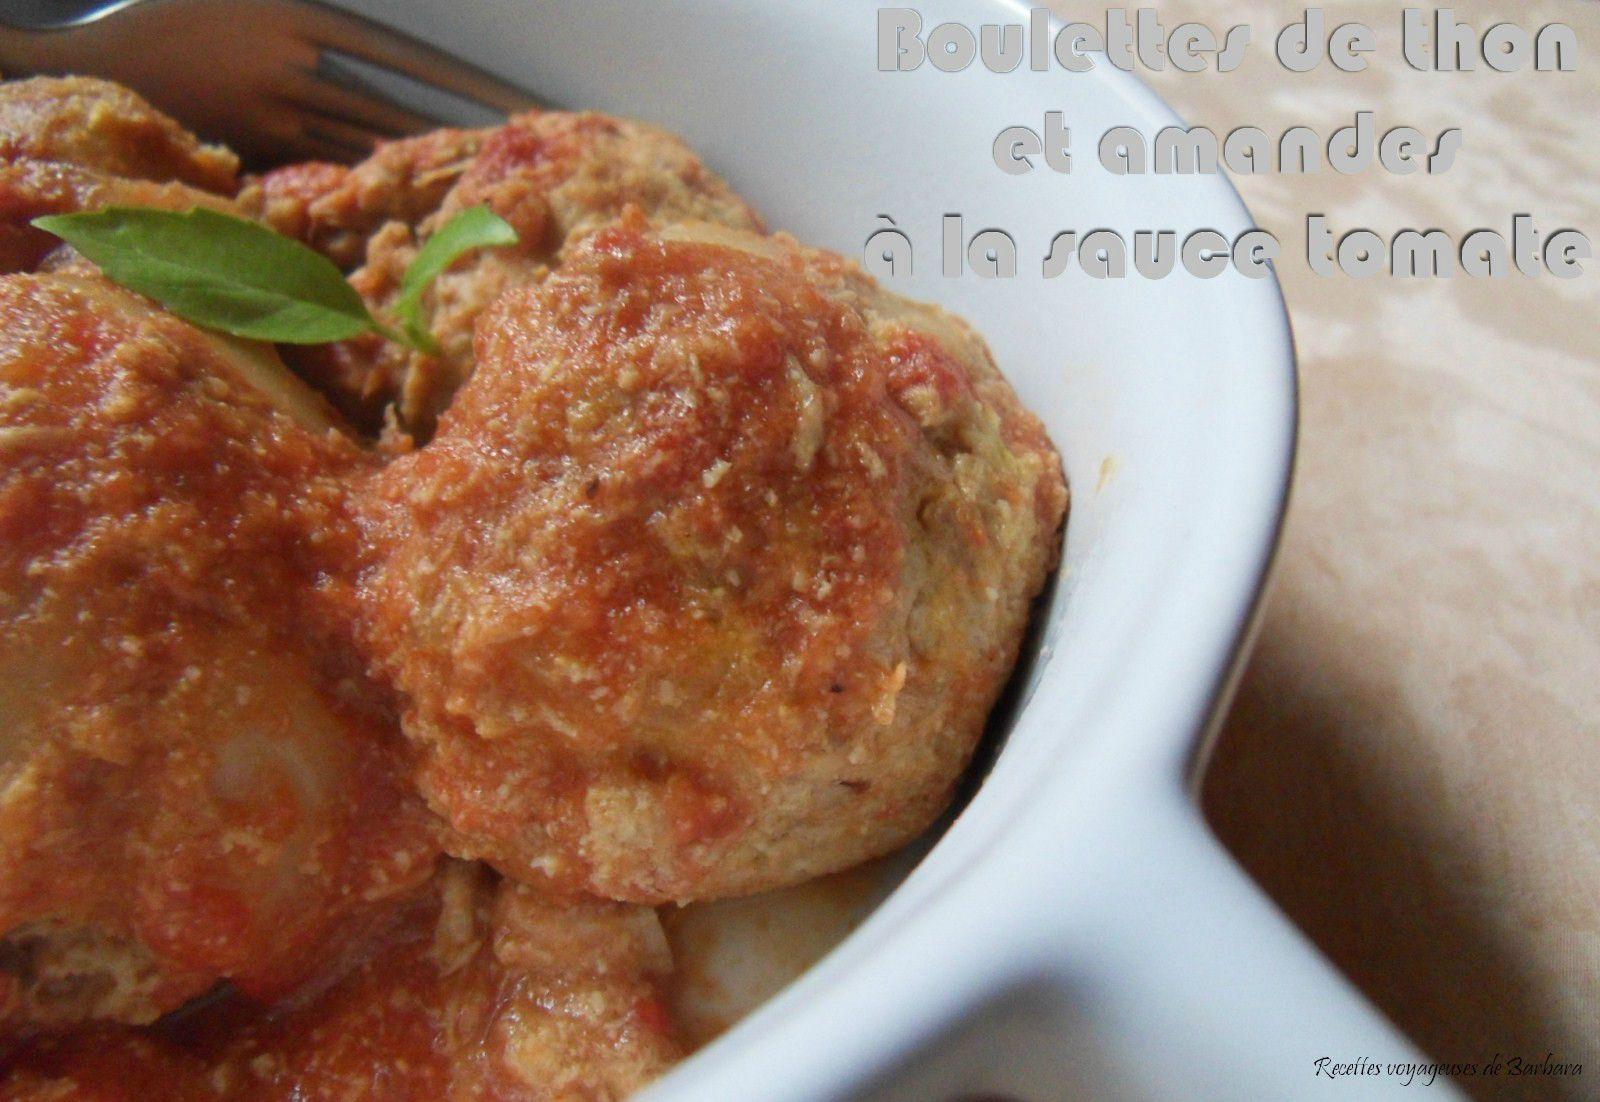 boulette de thon et amandes à la sauce tomates